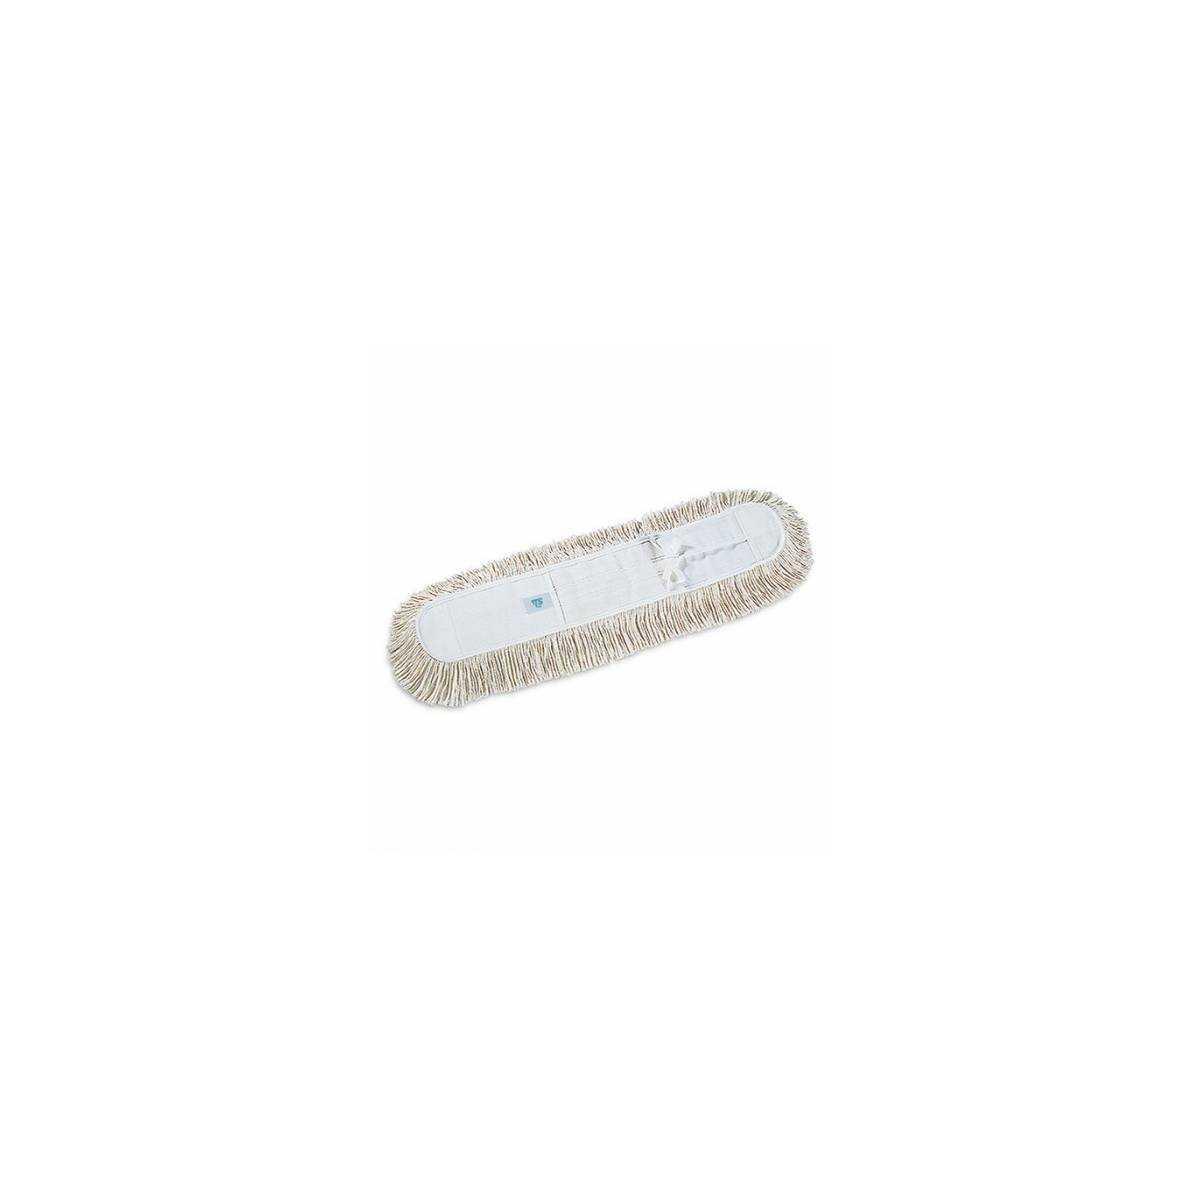 Моп (запаска) для сухой уборки хлопок 40см с завязками 00000251 TTS